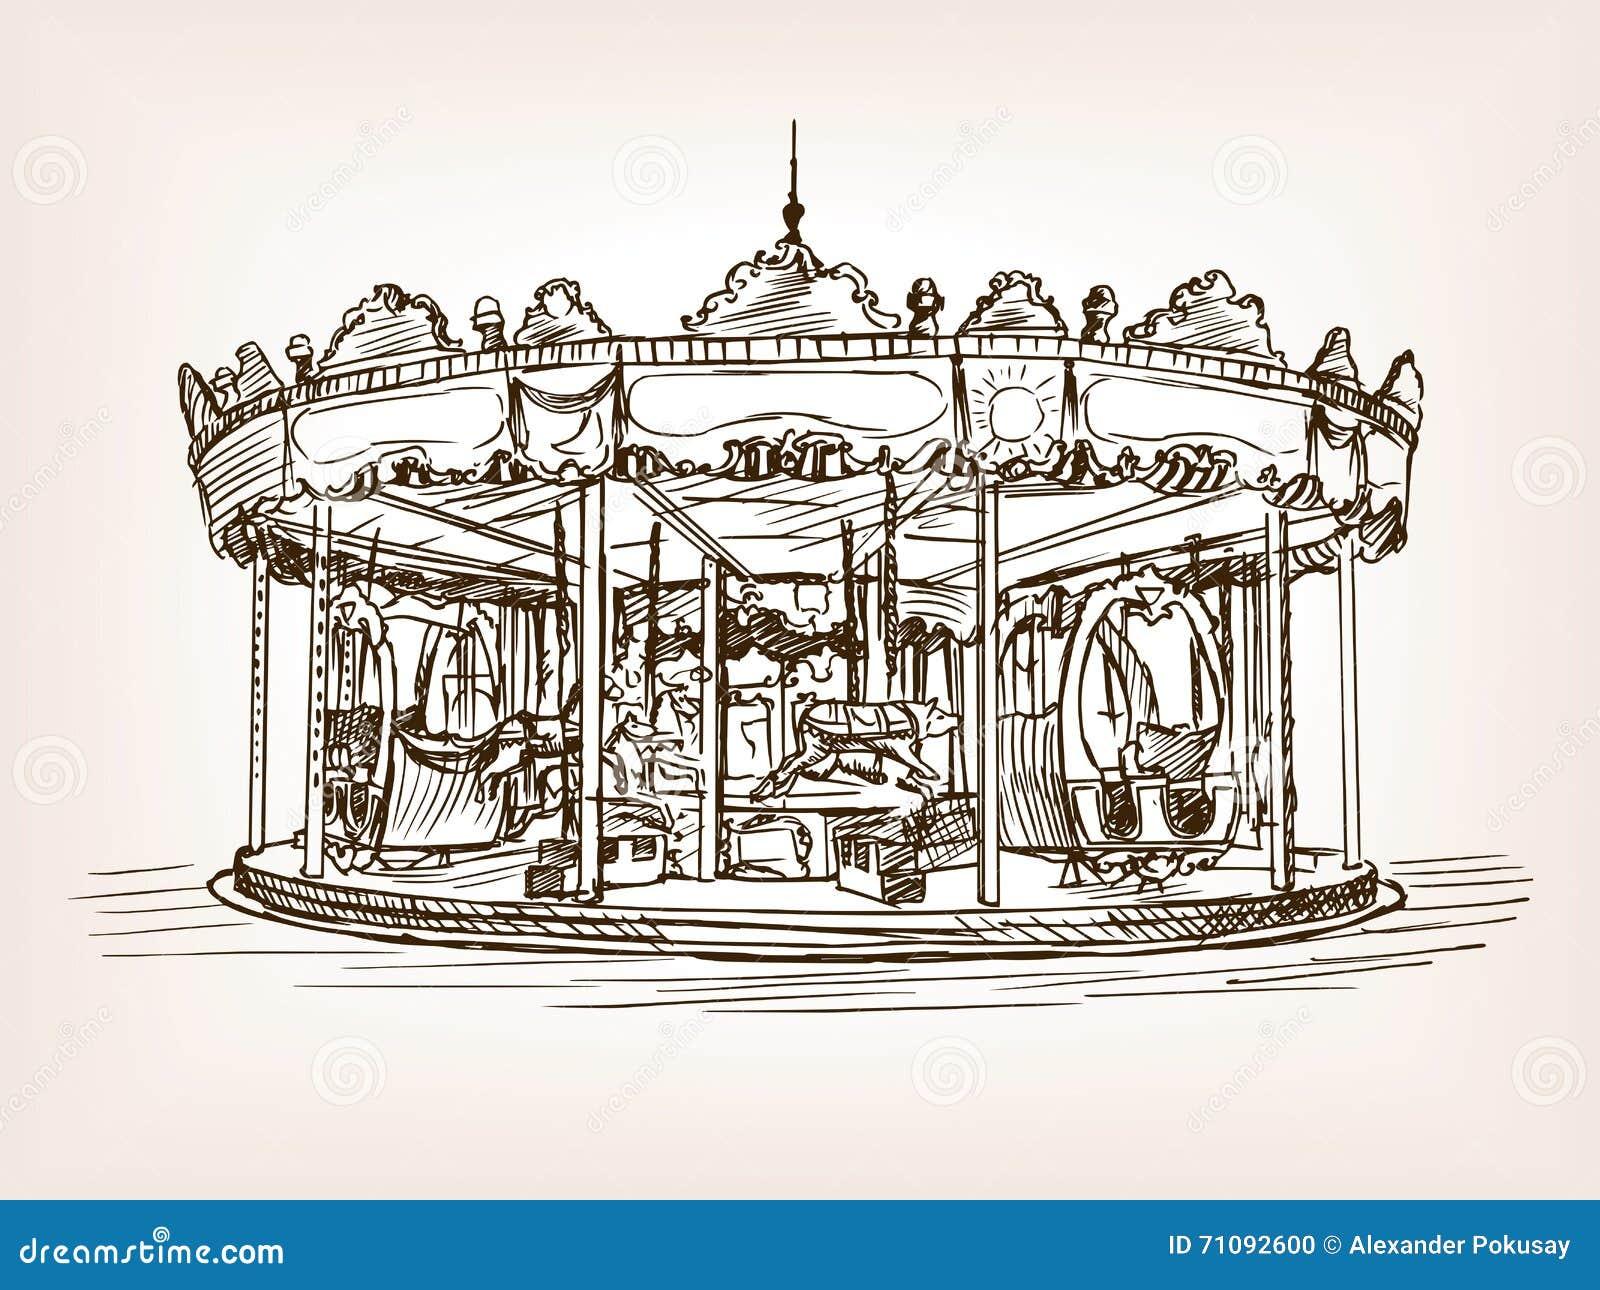 Carrousel Dessin illustration de vecteur de style de croquis de carrousel d'enfants